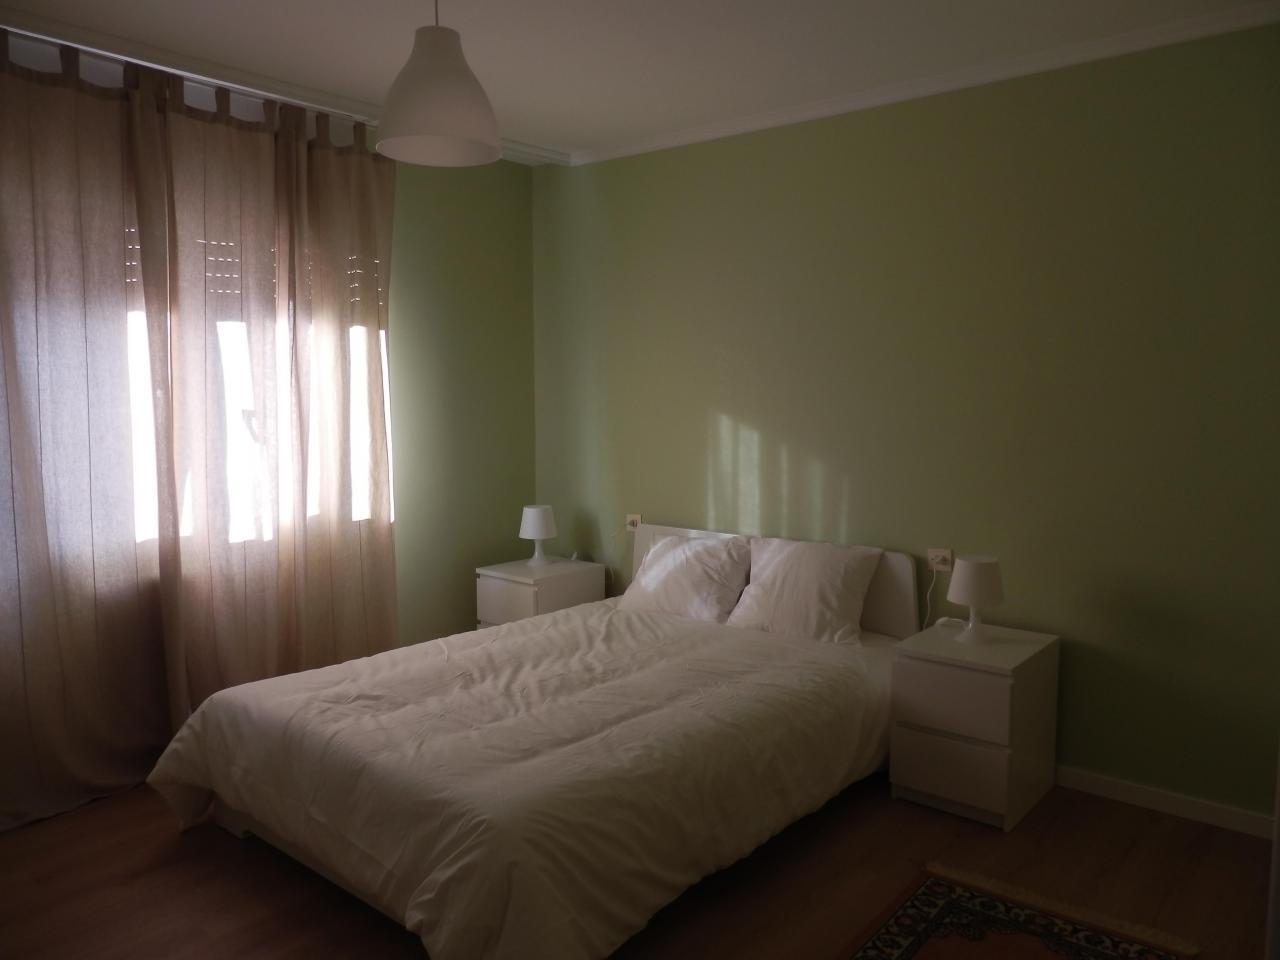 Apartamento barato Tui, Pontevedra